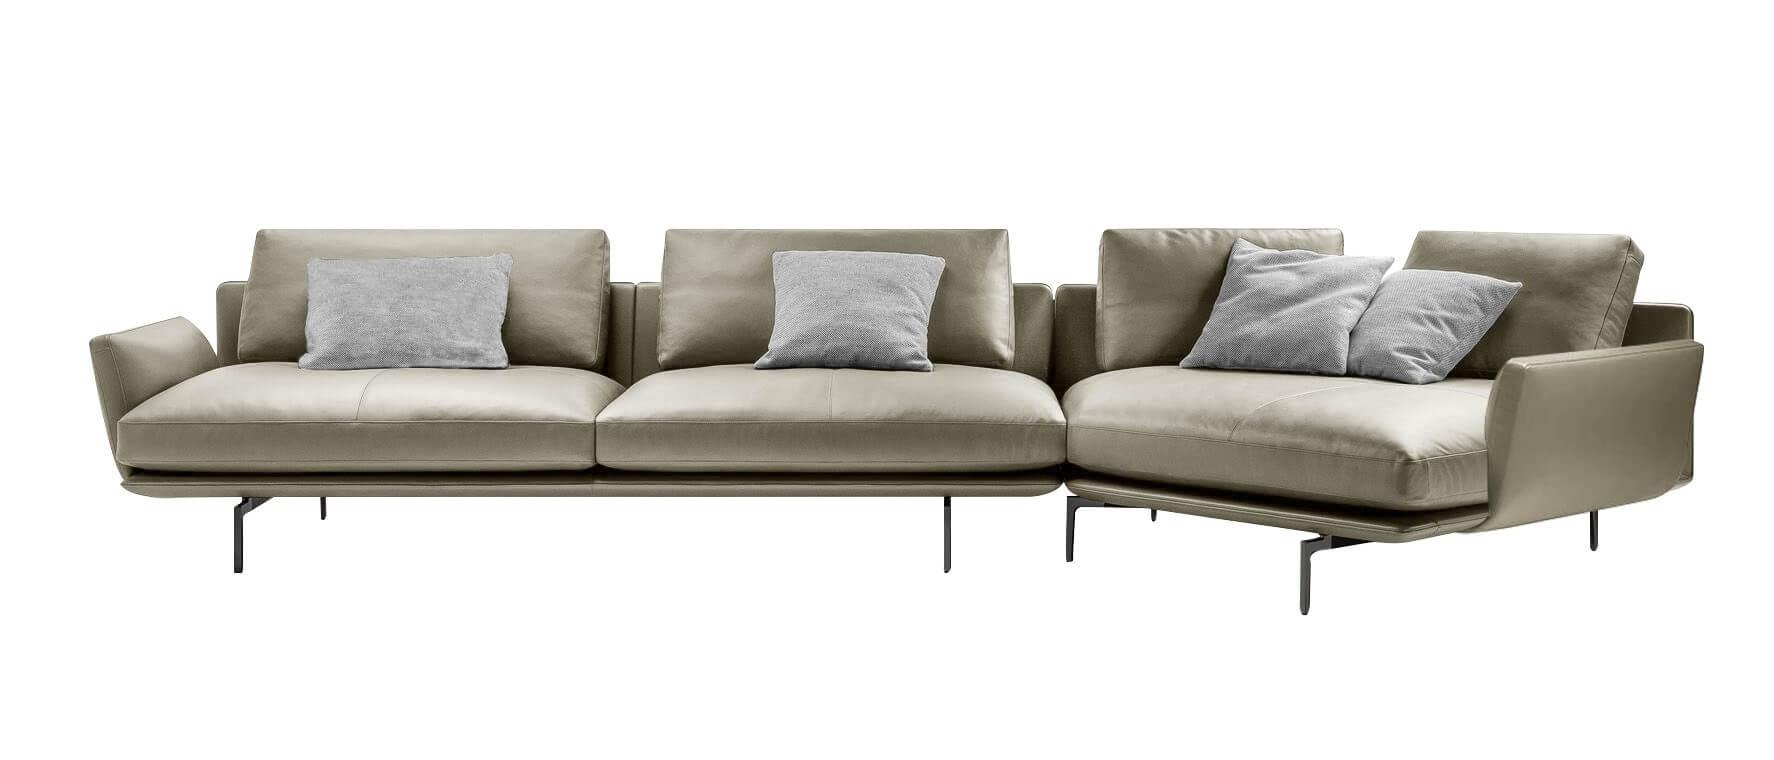 皮革L型沙發 現代風格家具 PLAY SOFA 頑沙發 伯爵 Earl